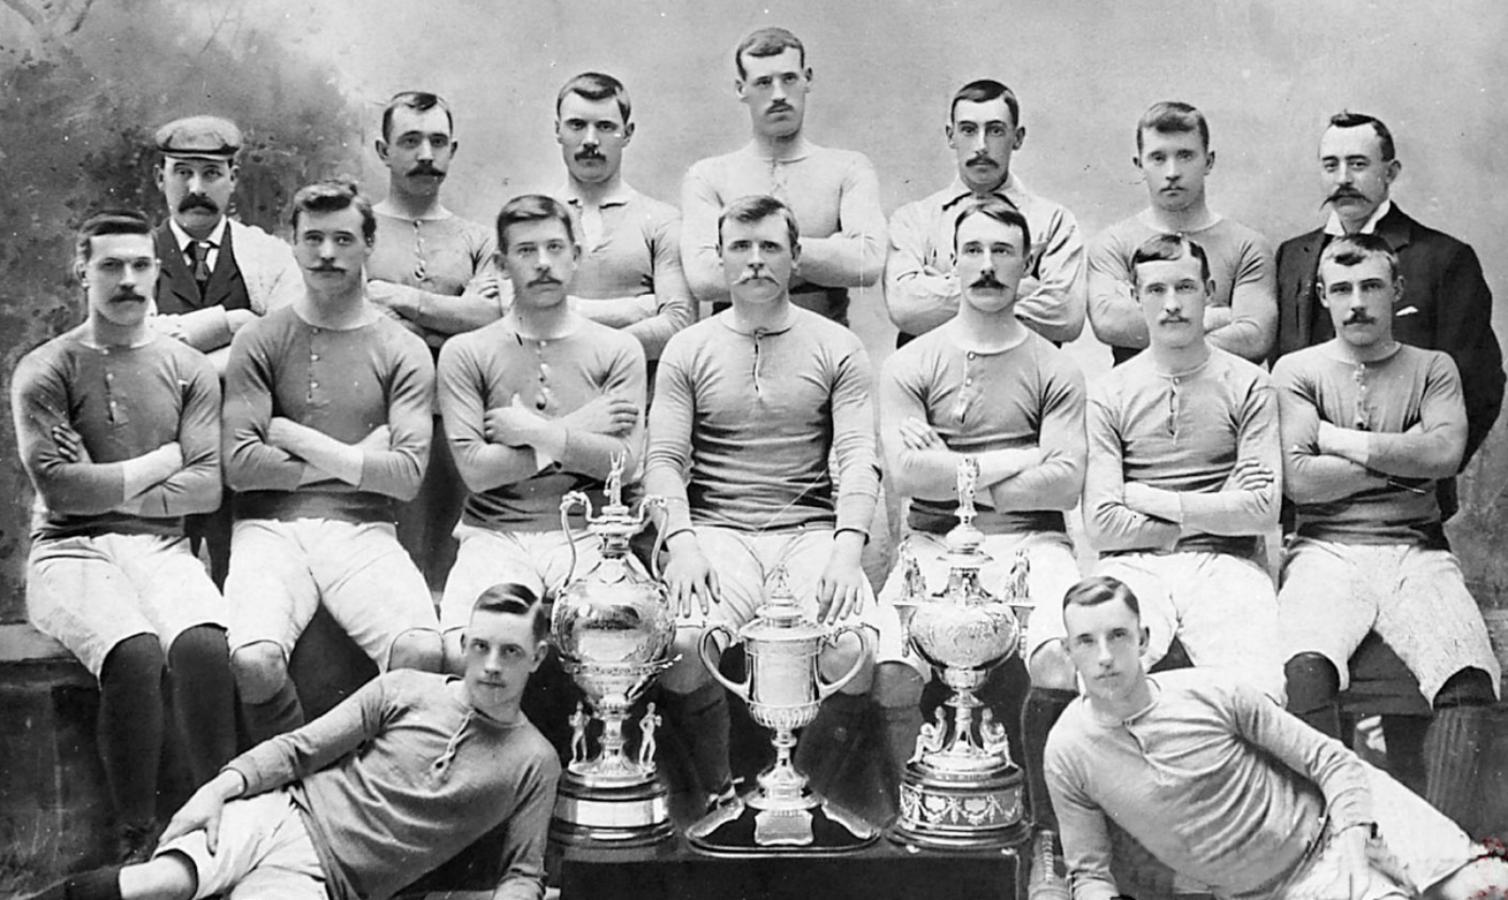 El Rangers 1896-97 mostraba sus primeros títulos: Glasgow Cup, Scottish Cup y la Glasgow Charity Cup Trophy